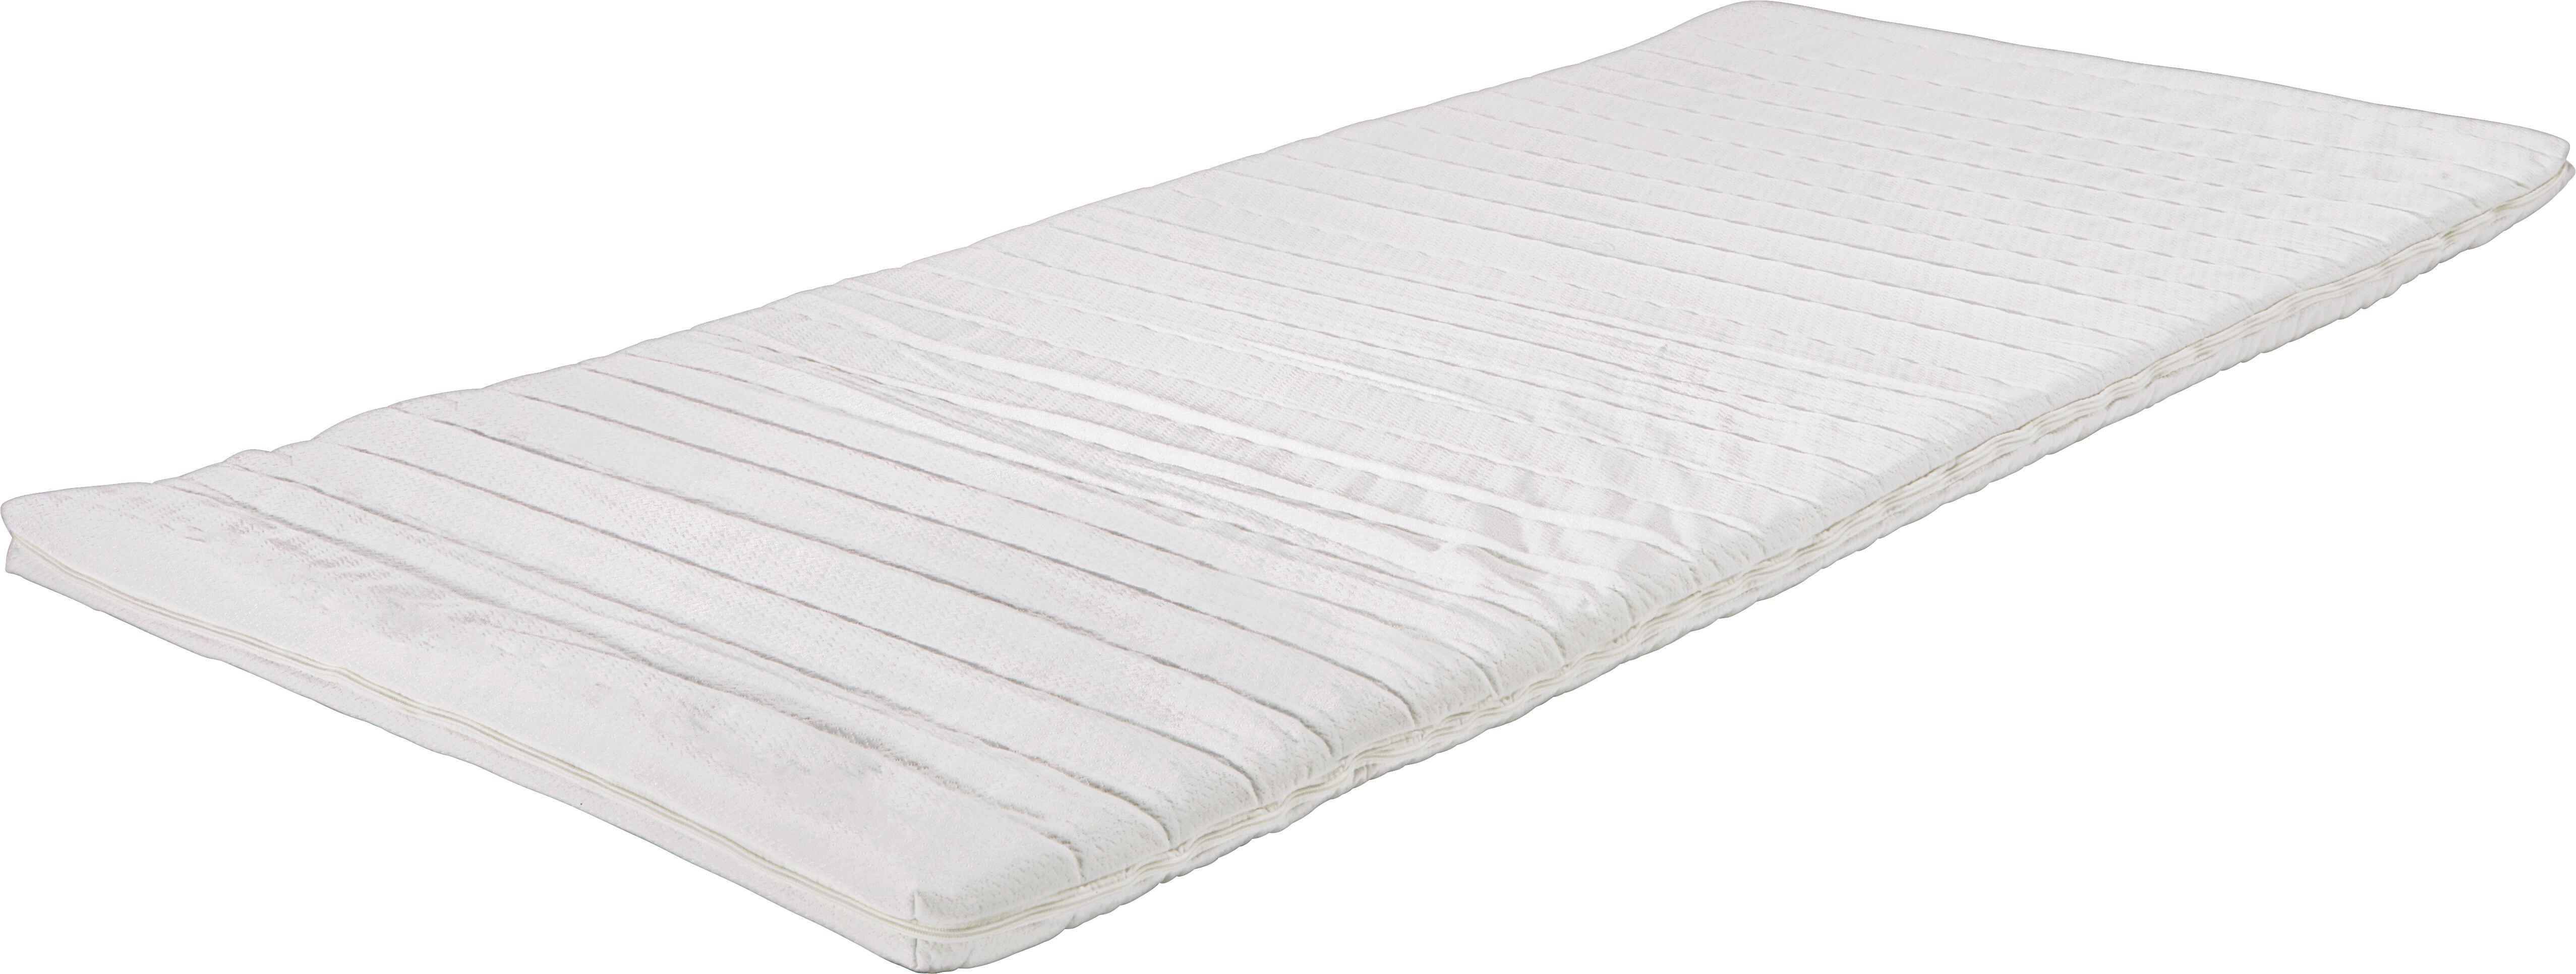 Topper Kaltschaumkern ca. 90x200cm - Weiß, KONVENTIONELL, Textil (90/200cm) - NADANA